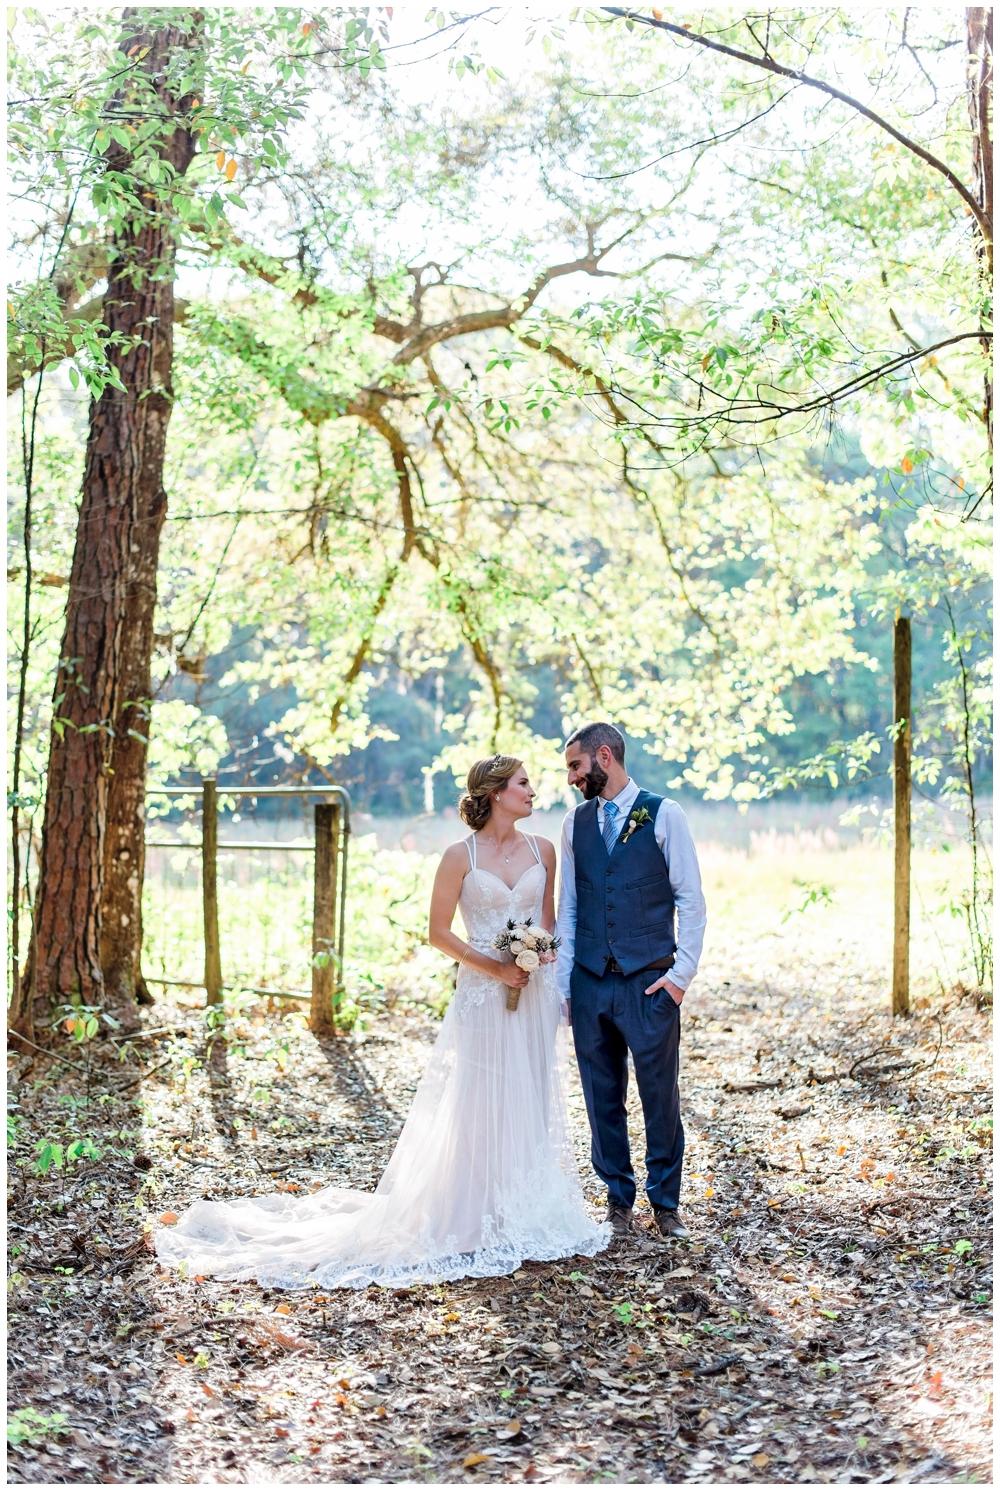 Jacksonville_Wedding_Venue_The_Glen_1334.jpg